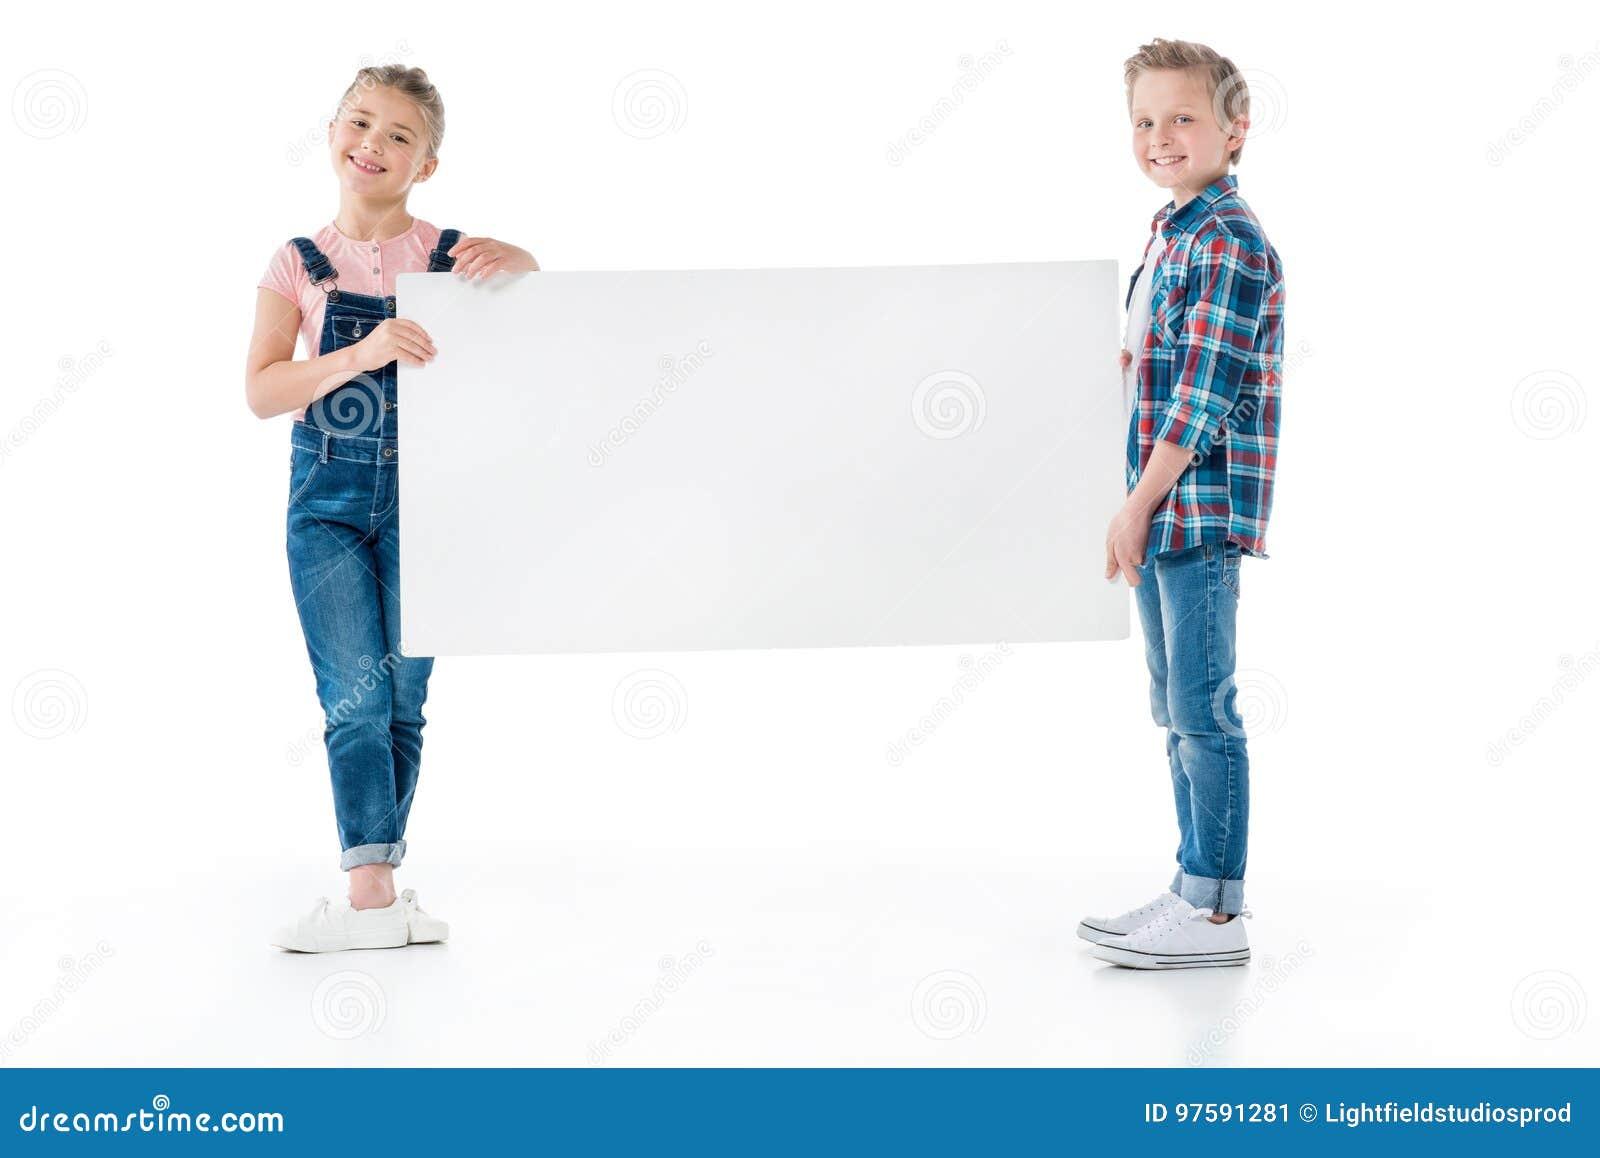 Kleine kinderen die lege banner houden en bij camera glimlachen